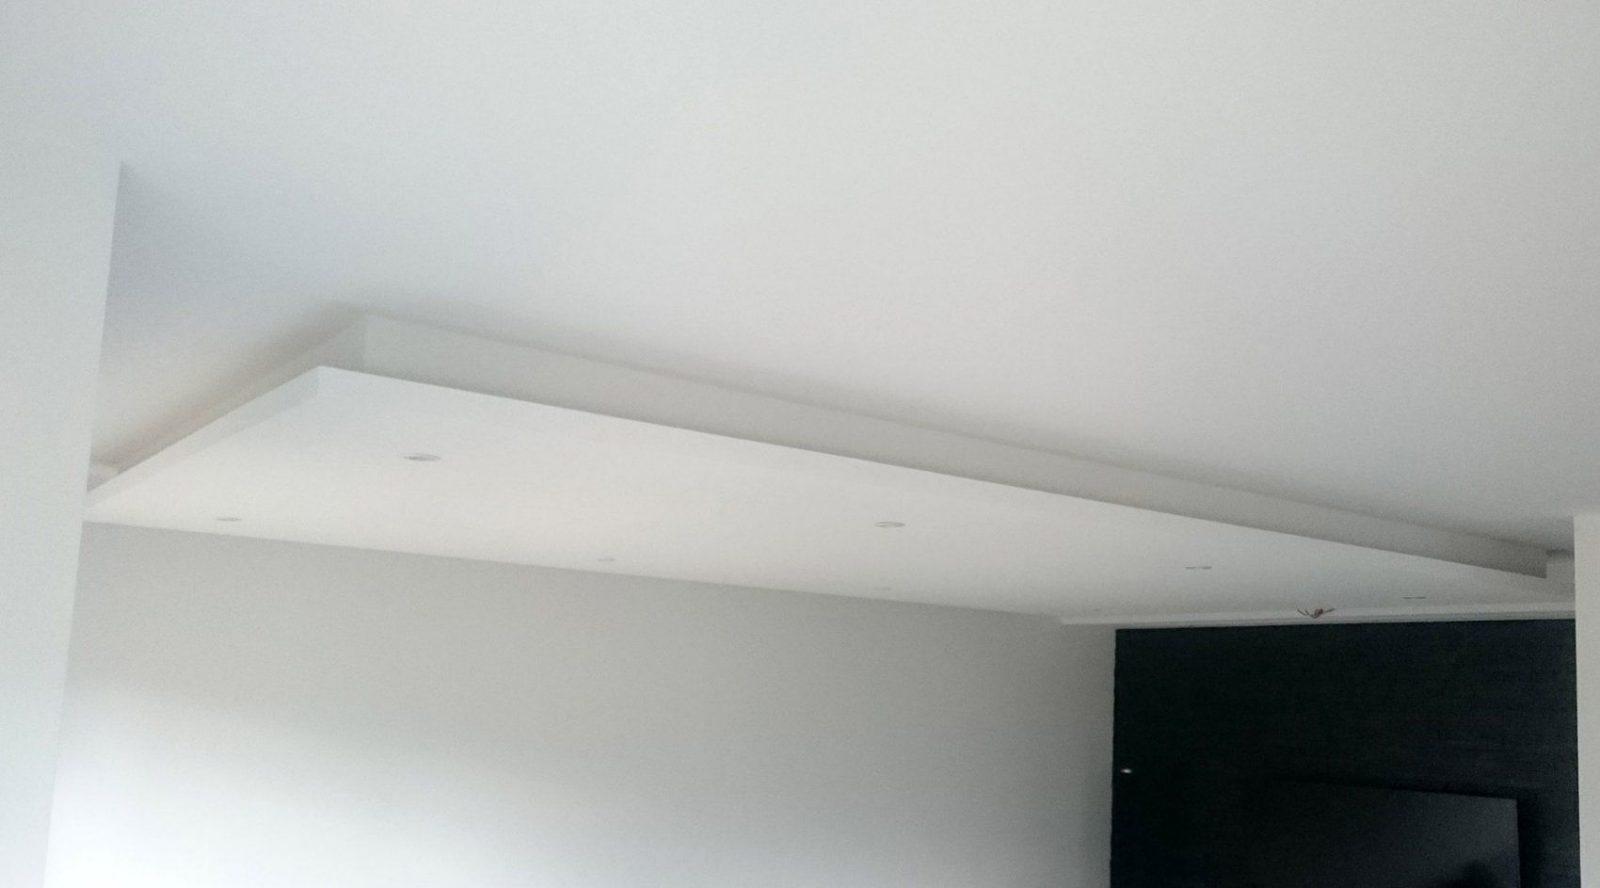 Abgehängte Decke Mit Indirekter Beleuchtung (Lichtvouten) Selber Machen von Indirekte Beleuchtung Selber Bauen Rigips Photo